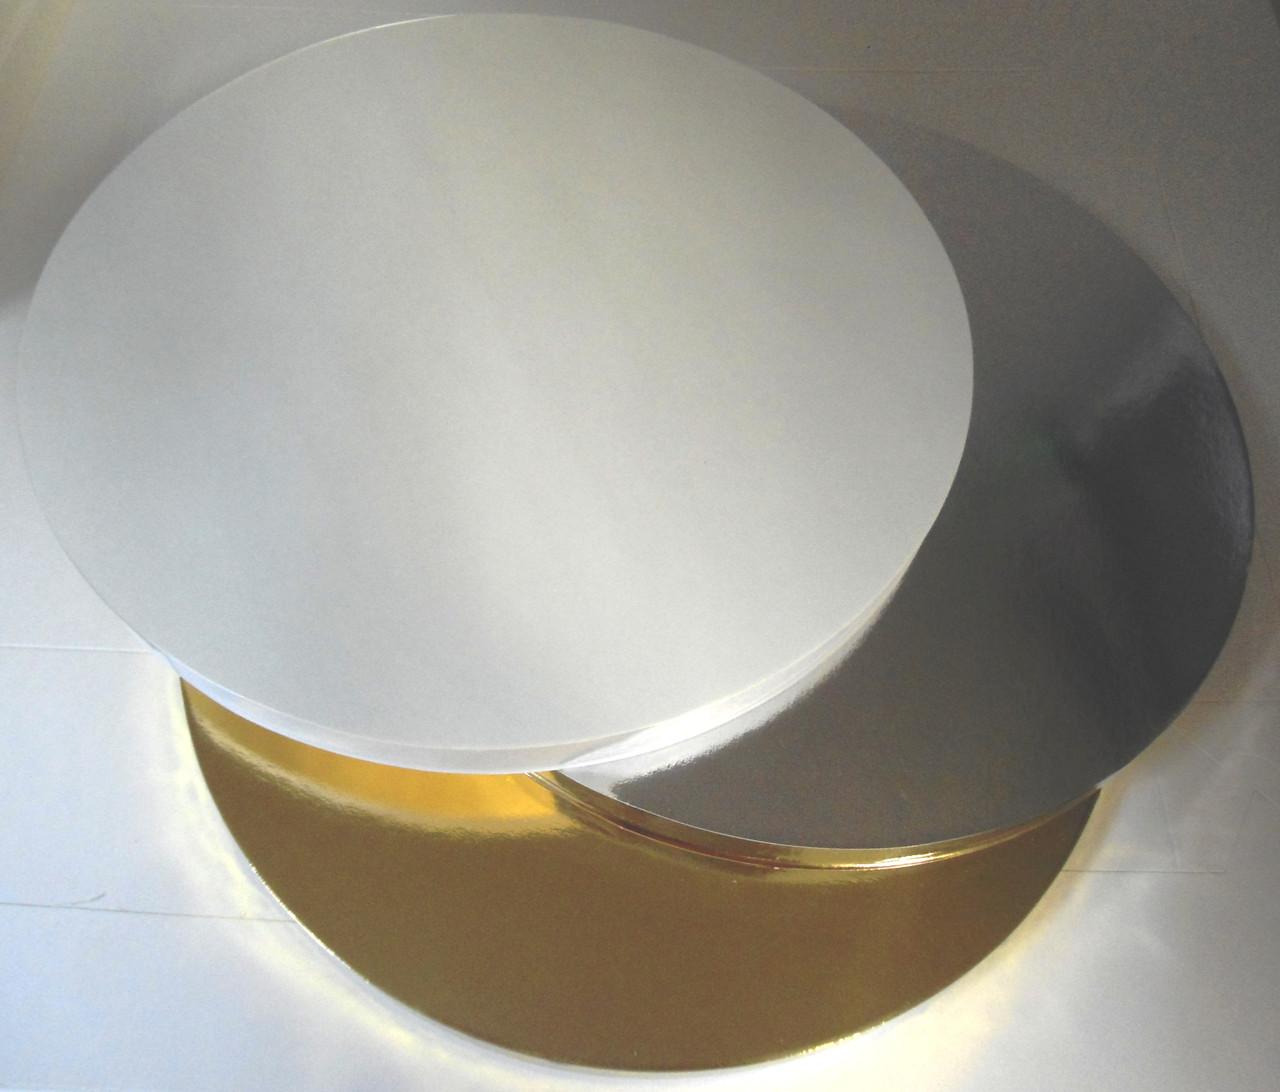 Подложка усиленная под торт золотая D 25cm, h 2cm (код 05734)